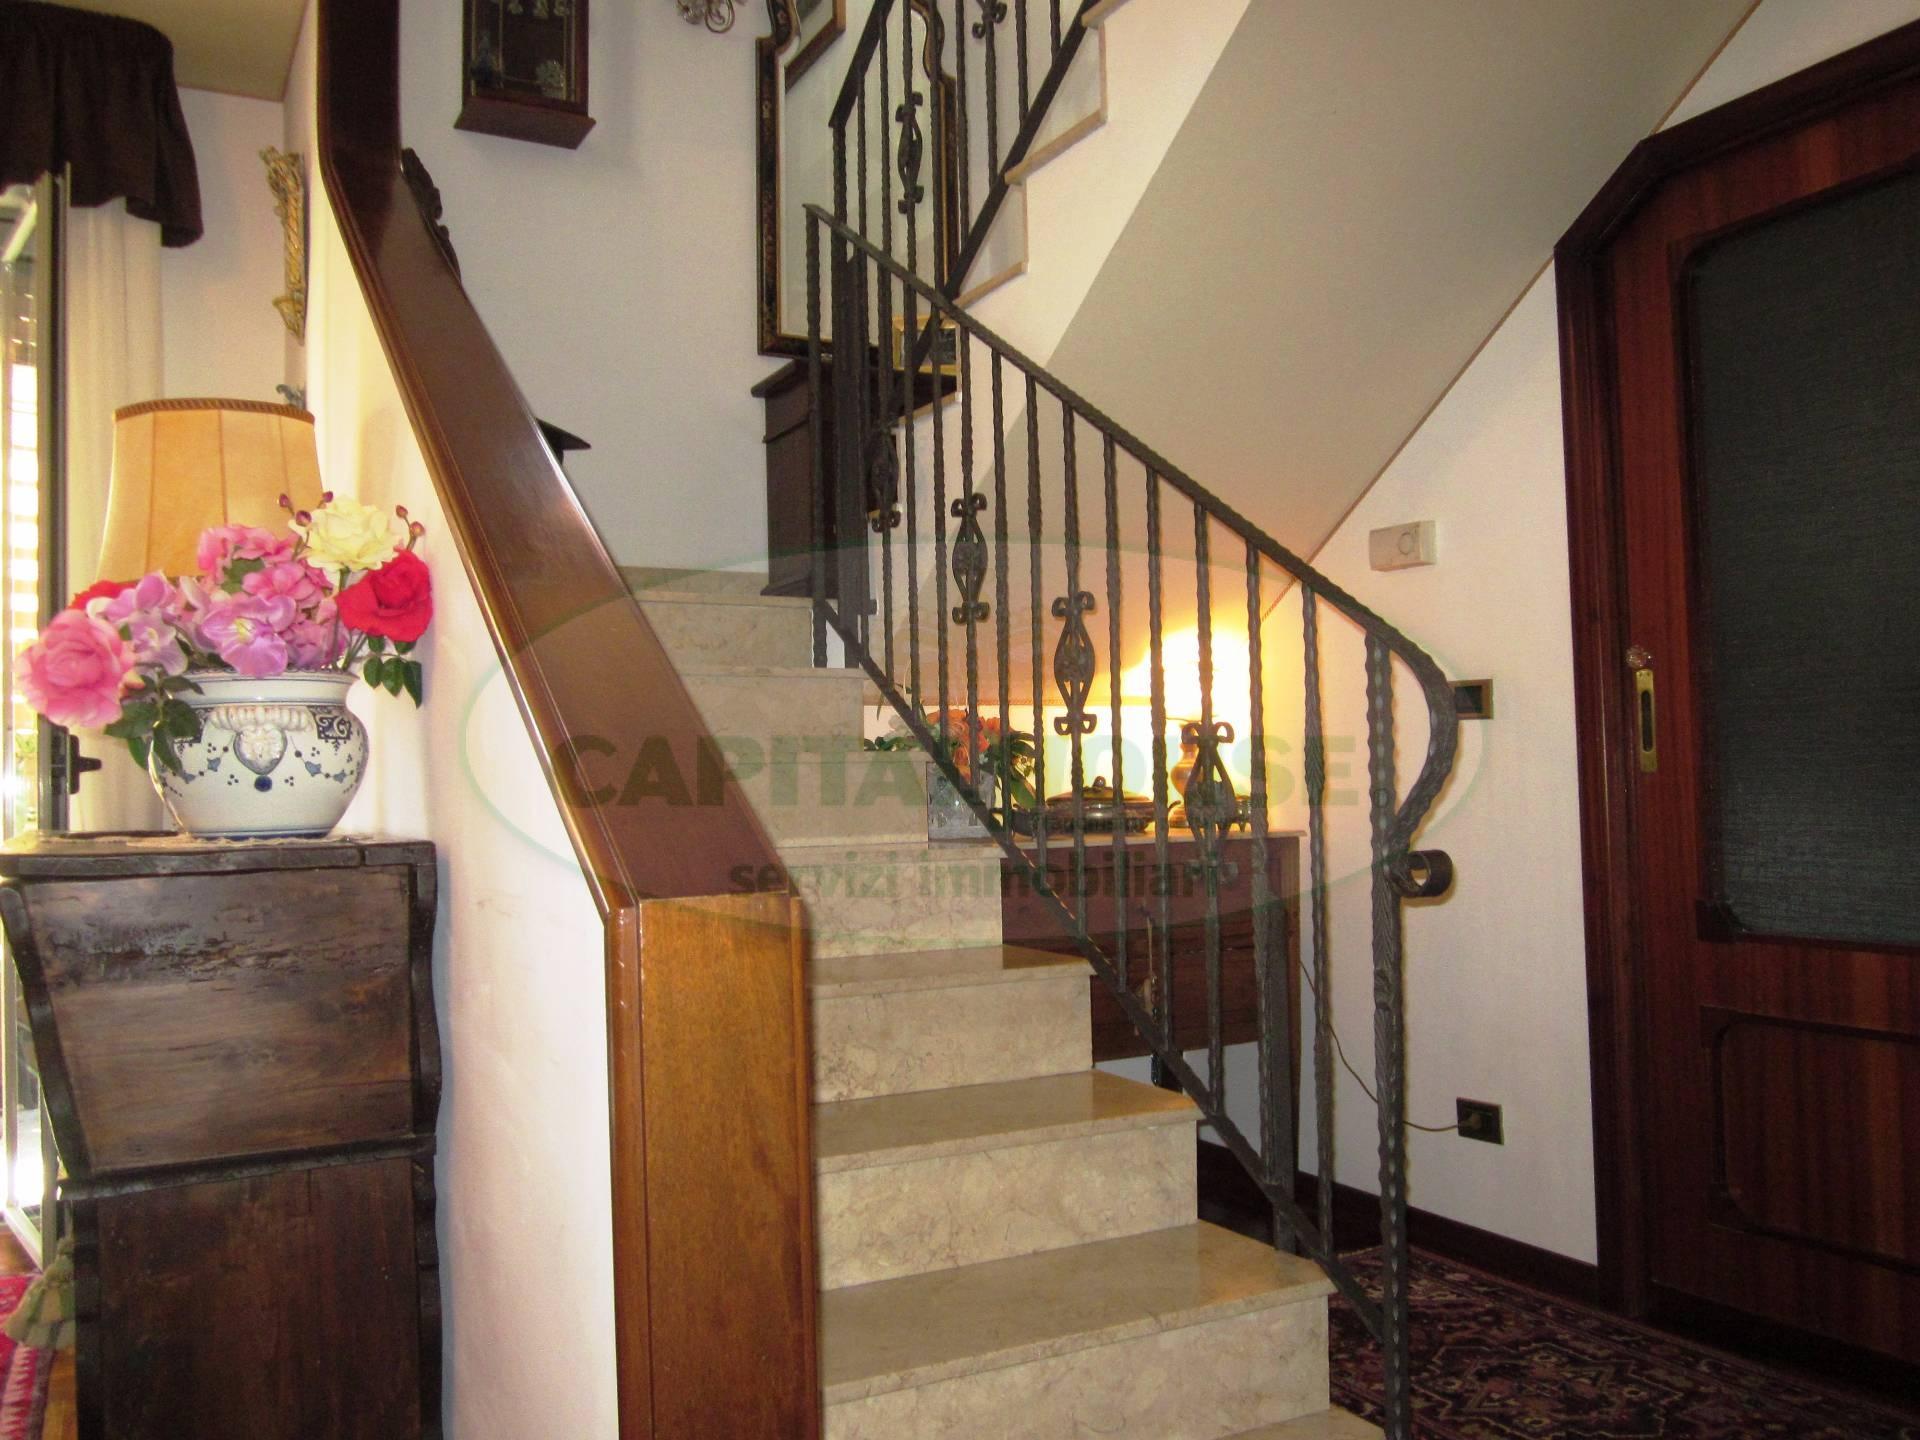 Appartamento in vendita a San Nicola la Strada, 3 locali, zona Località: Acquaviva, prezzo € 165.000 | CambioCasa.it